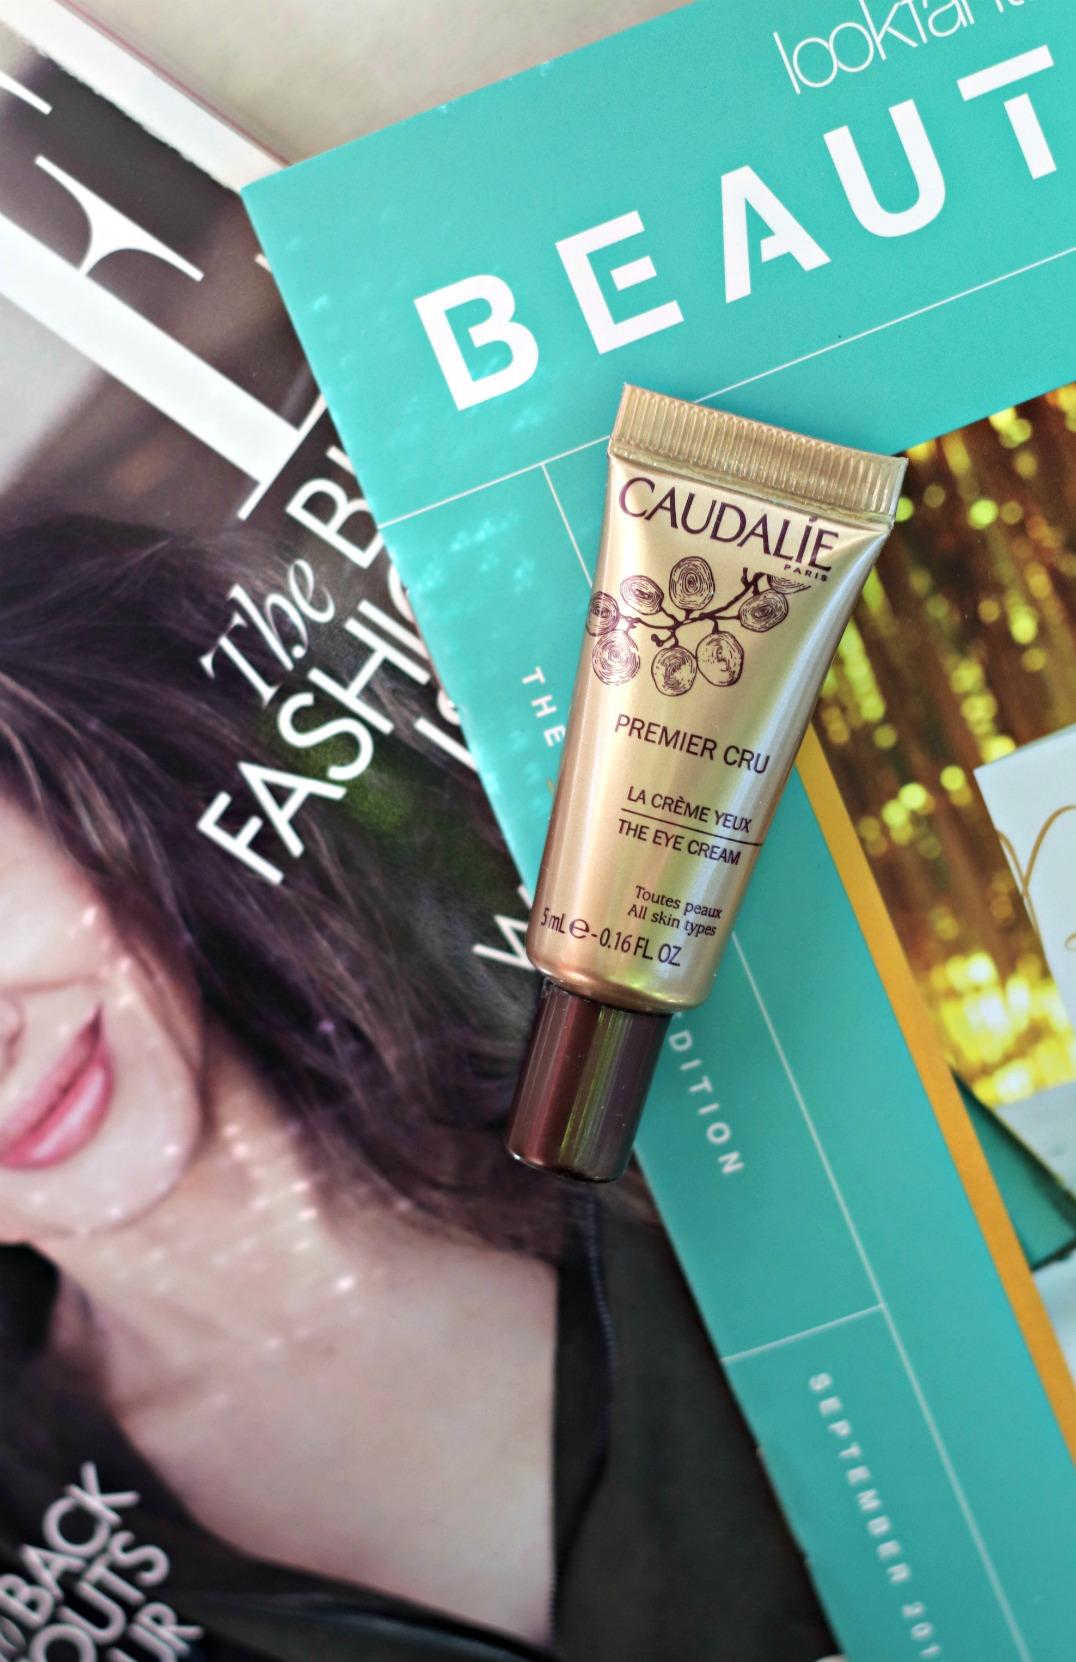 lookfantastic September 2019 Caudalie Premier Cru eye cream